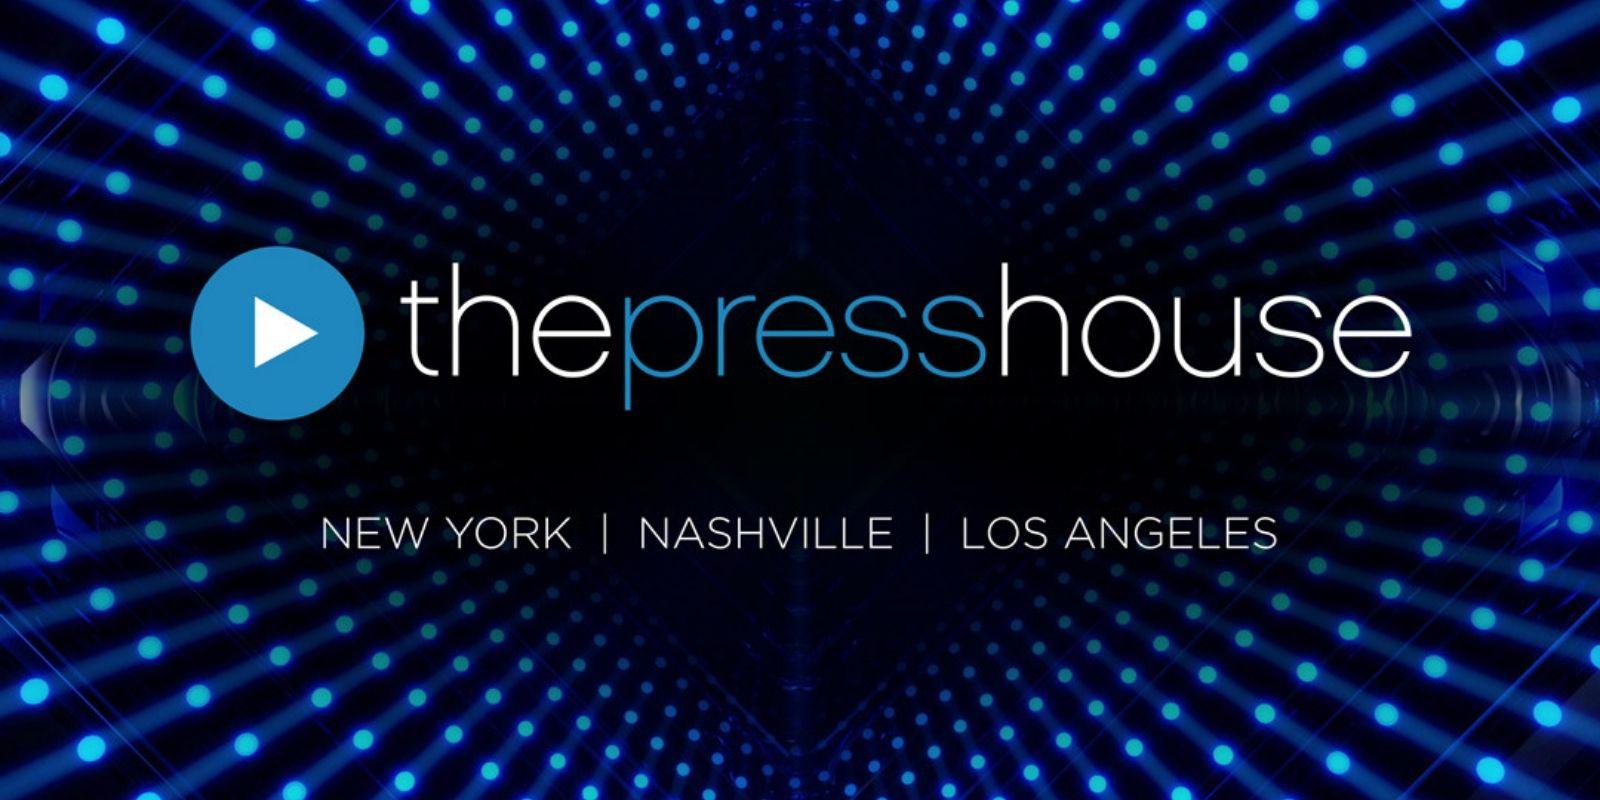 Press House Marquee.jpg